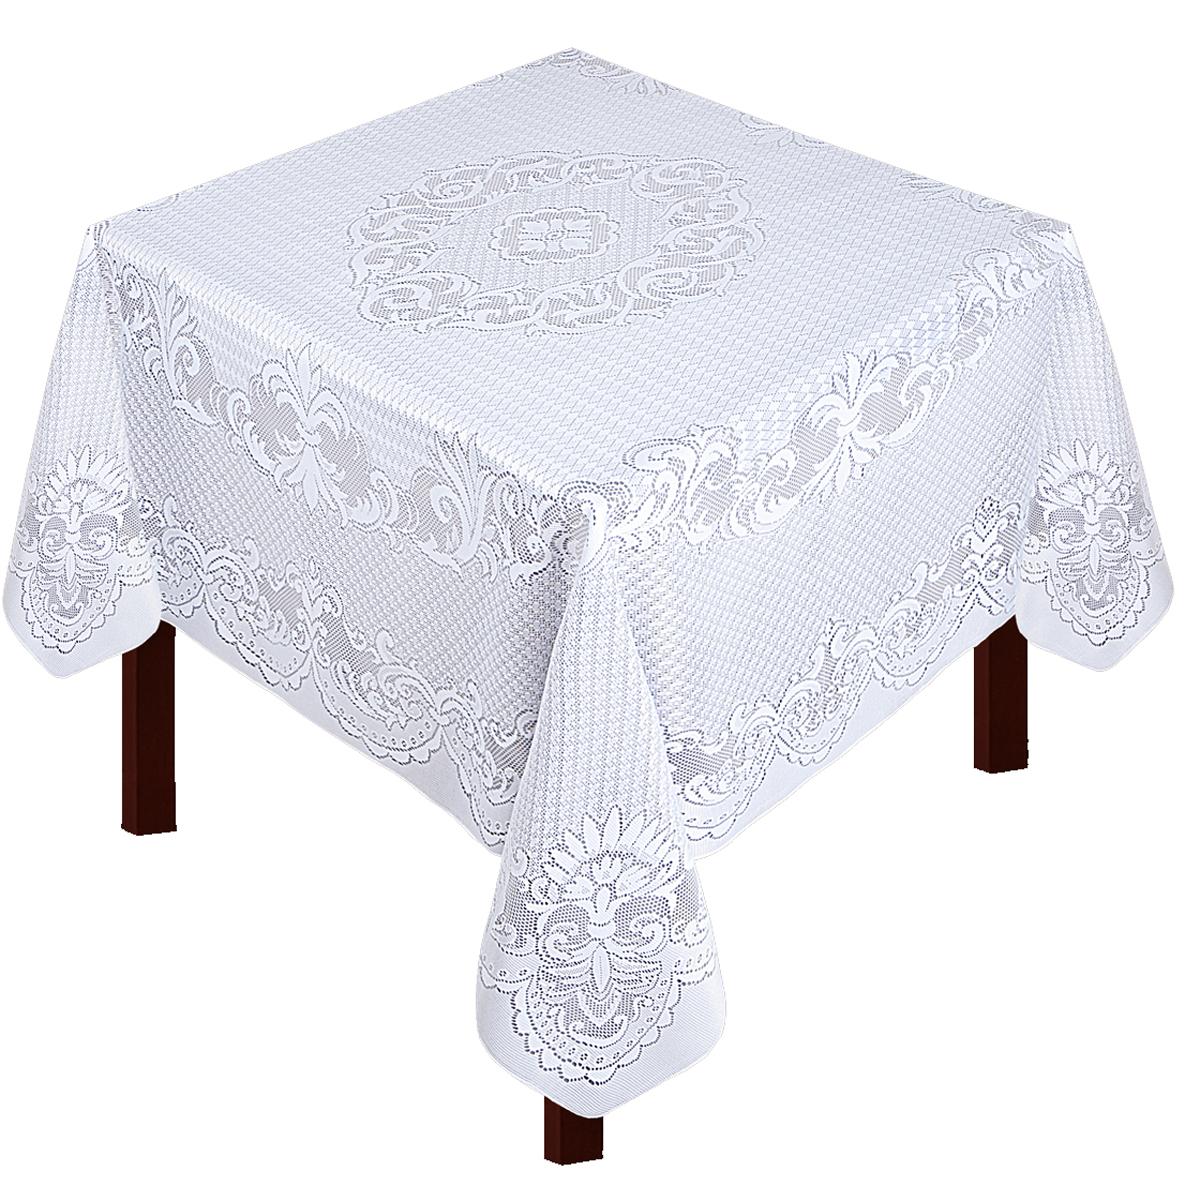 Скатерть Zlata Korunka, прямоугольная, цвет: белый, 175 х 165 смVT-1520(SR)Скатерть прямоугольная р.175*165, 100% п/э, белый. Скатерть не мнется, легко стирается и очень быстро сохнет